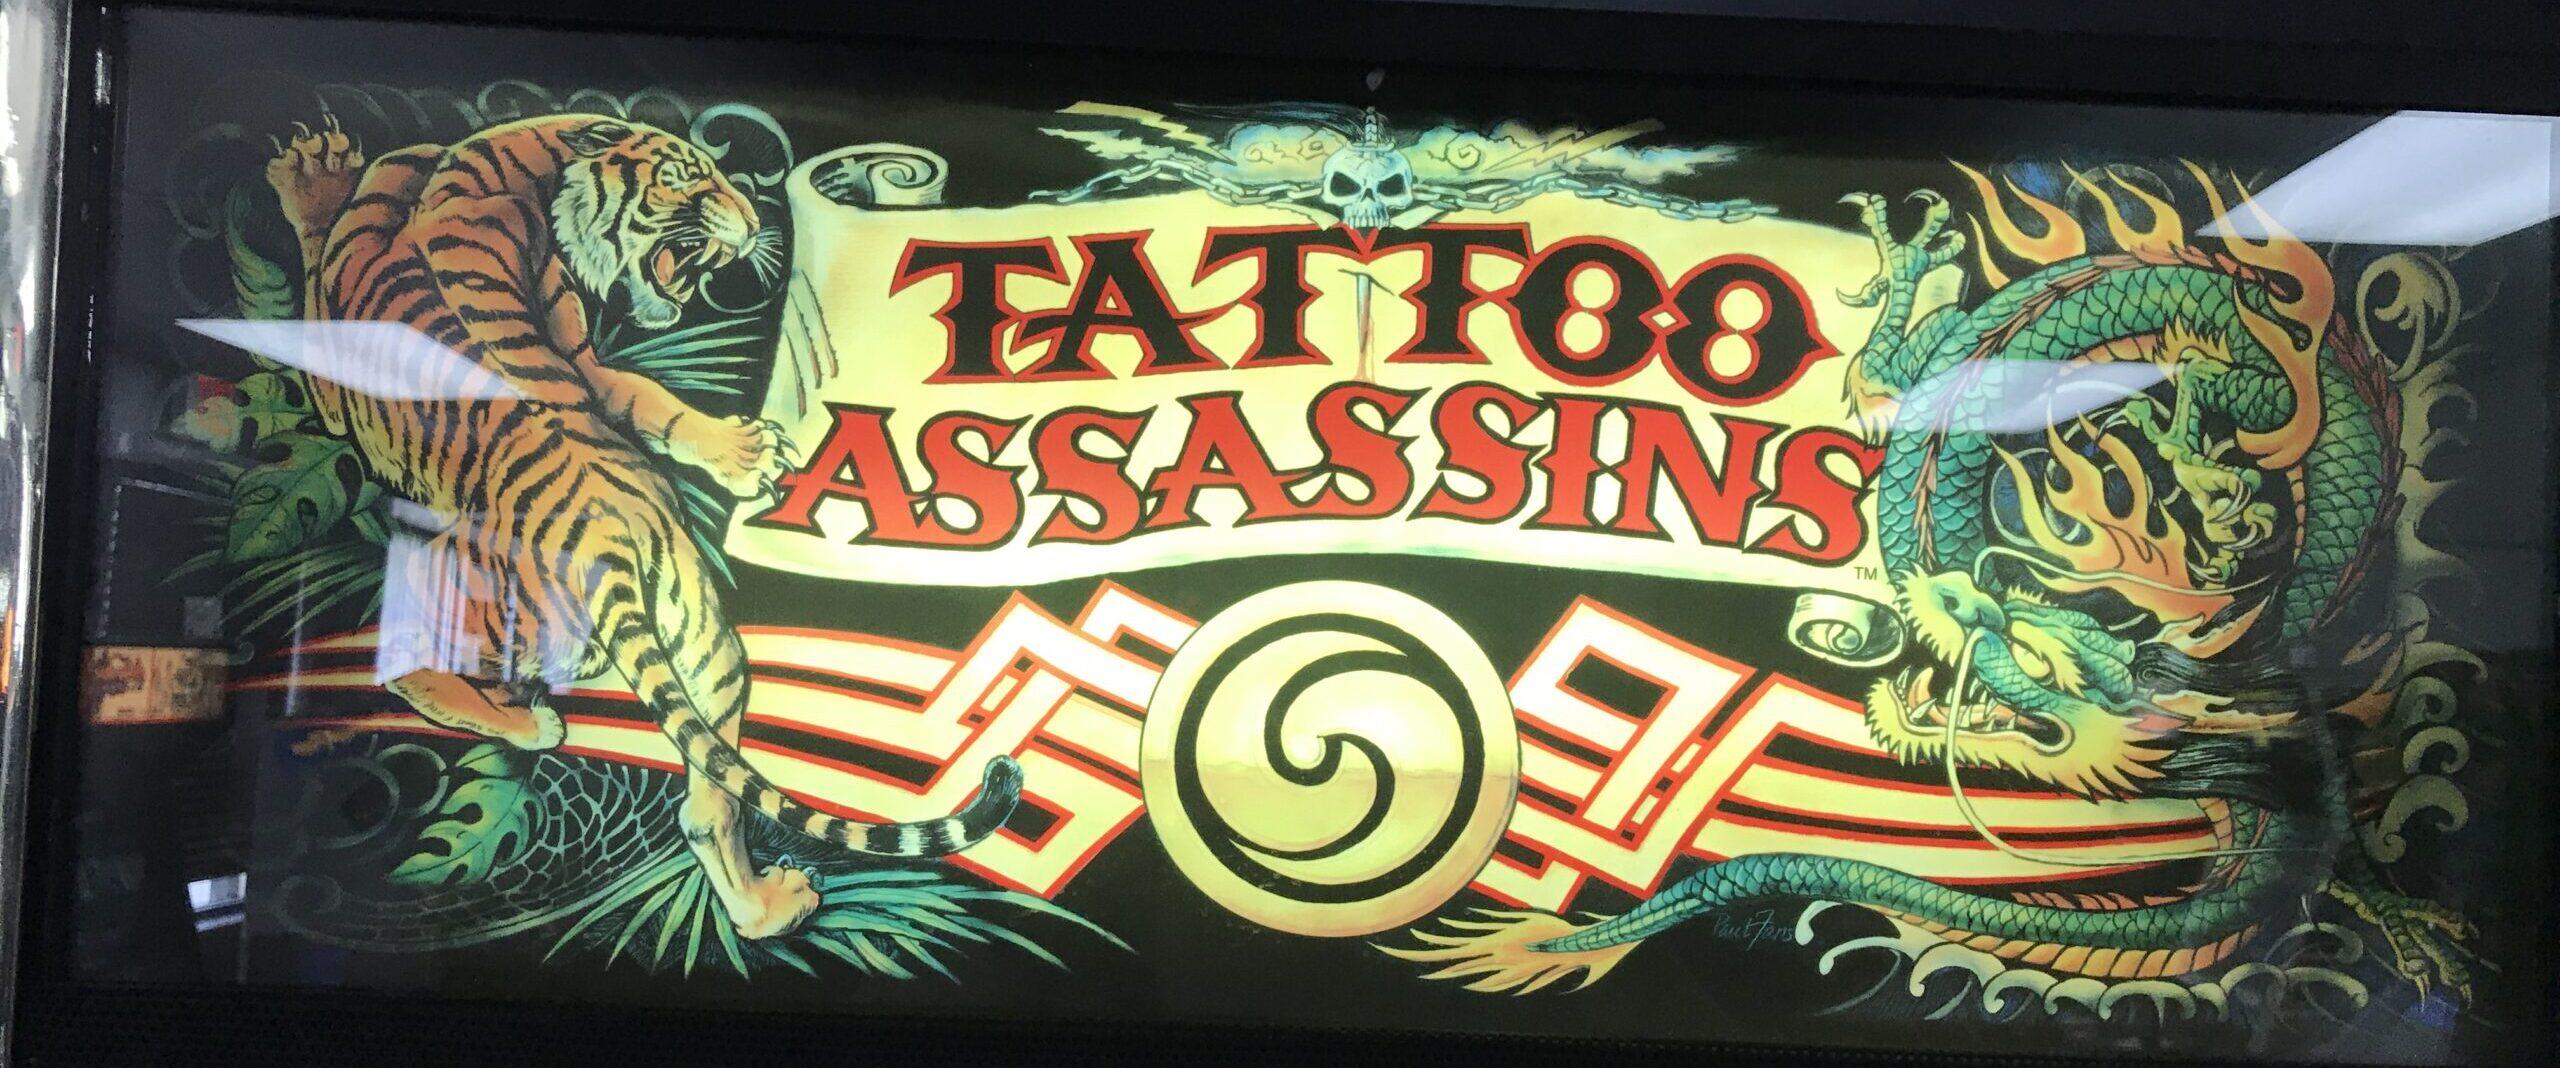 A World of Games: Tattoo Assassins